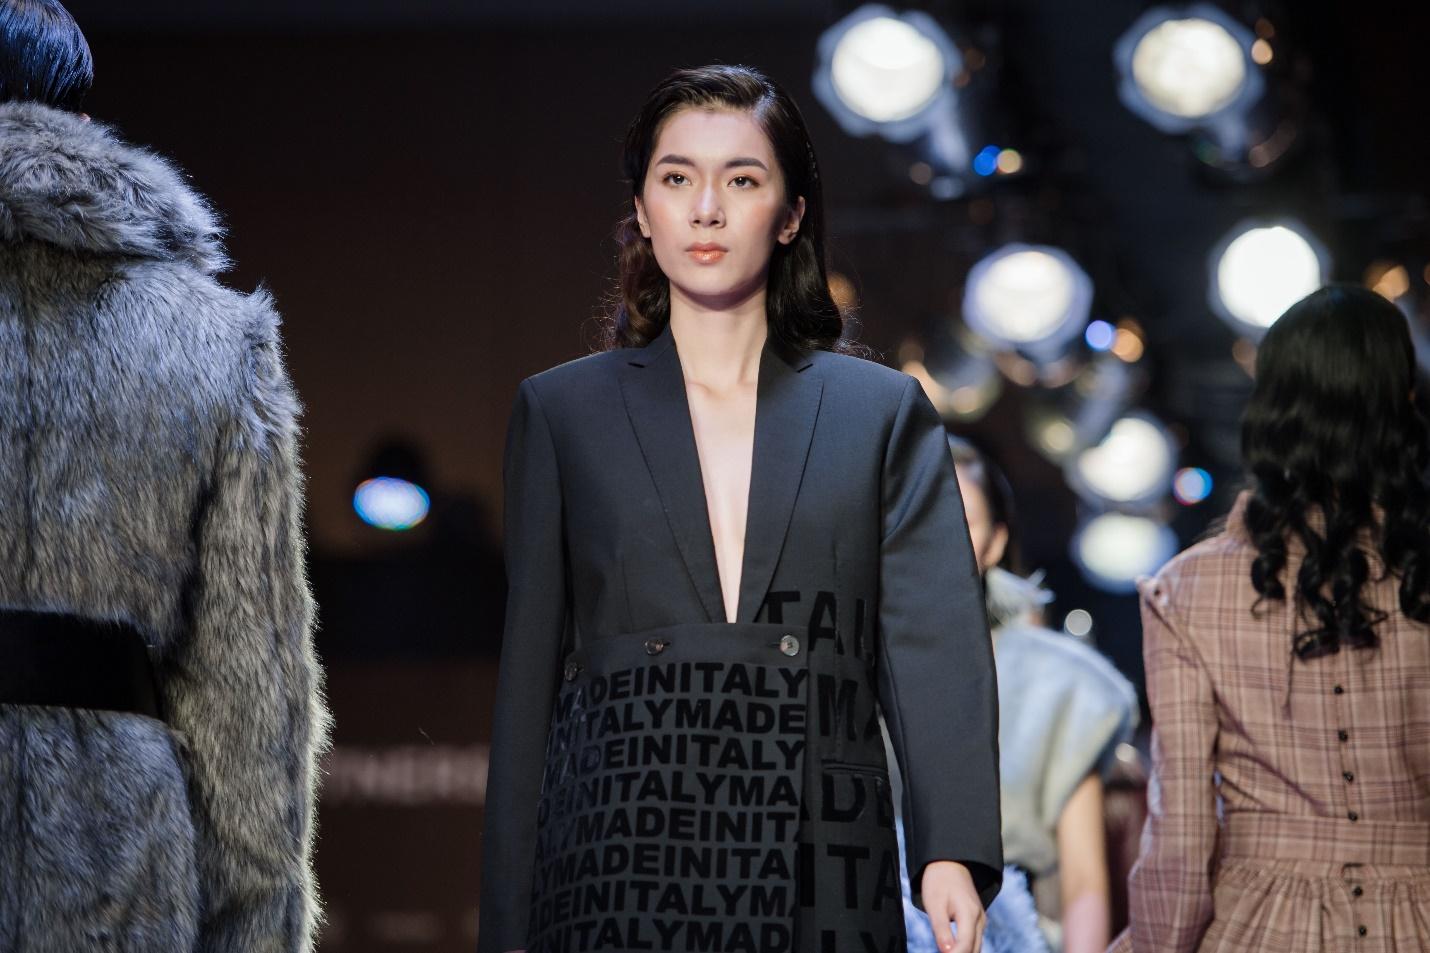 Ekip của chuyên gia trang điểm nổi tiếng Tina Lê tiếp tục đồng hành cùng VIFW Thu – Đông 2018 - Ảnh 2.